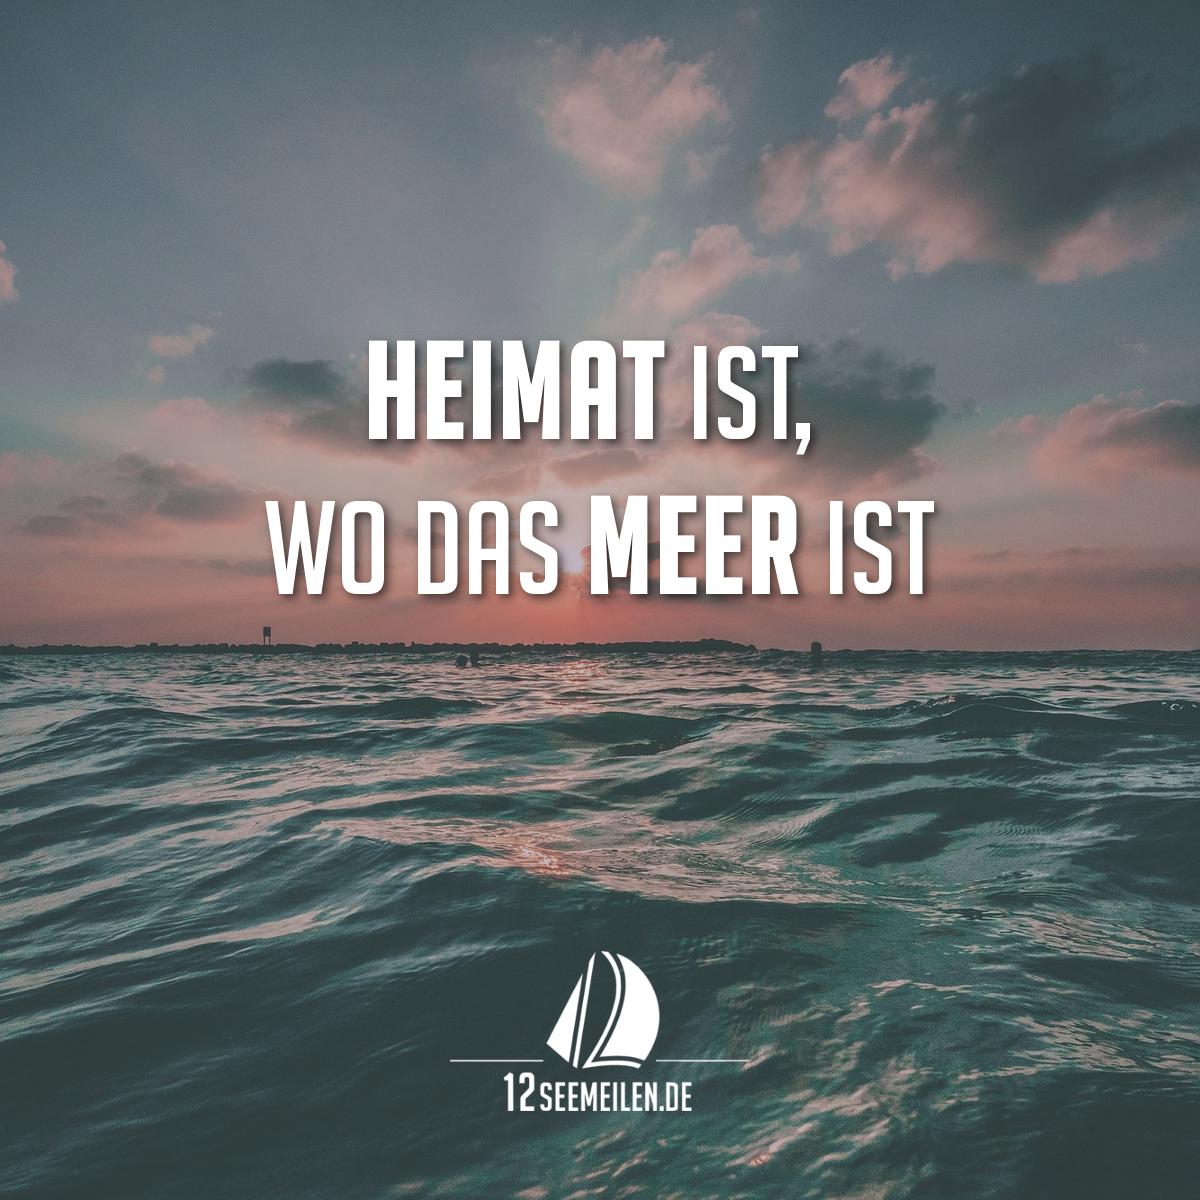 Heimat ist wo das meer ist spr che spruch zitate - Hamburg zitate ...